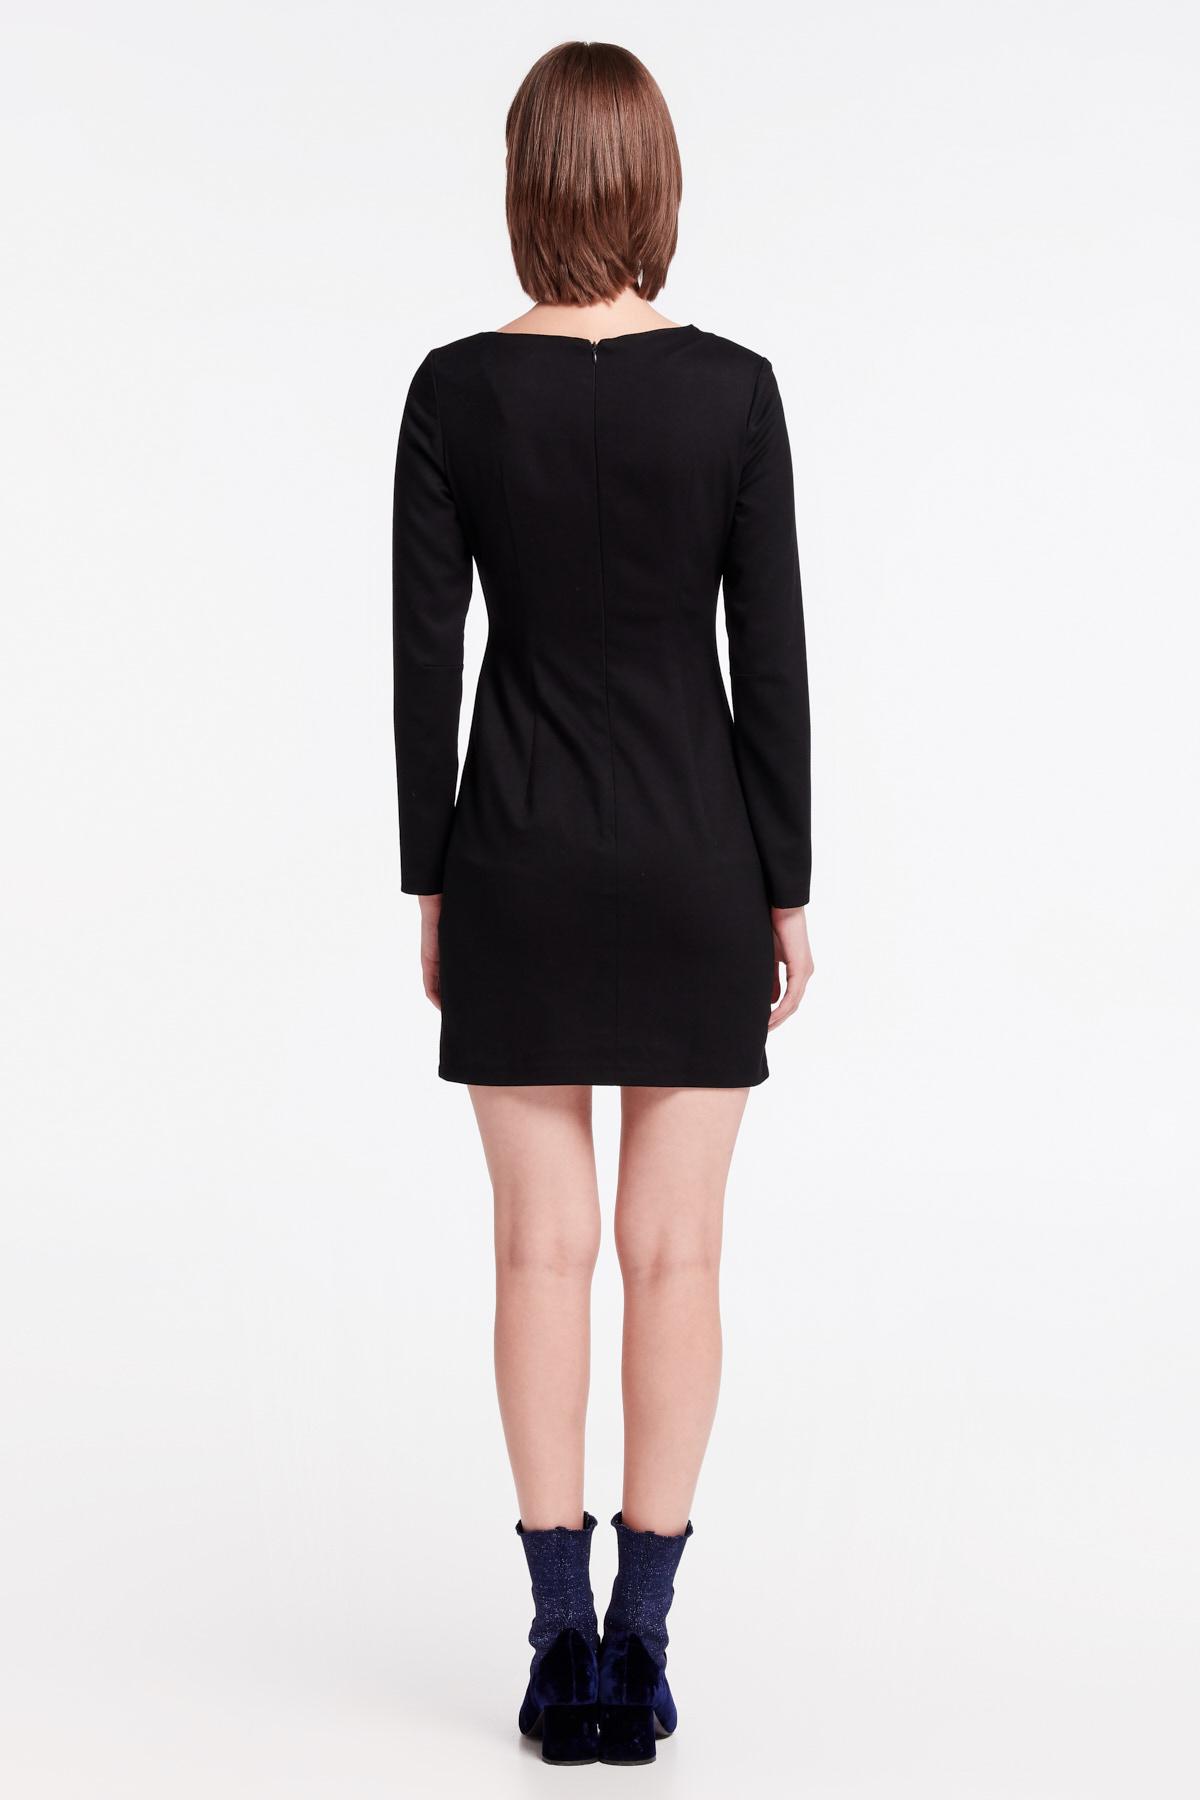 Платье женские MustHave модель 6287 купить, 2017